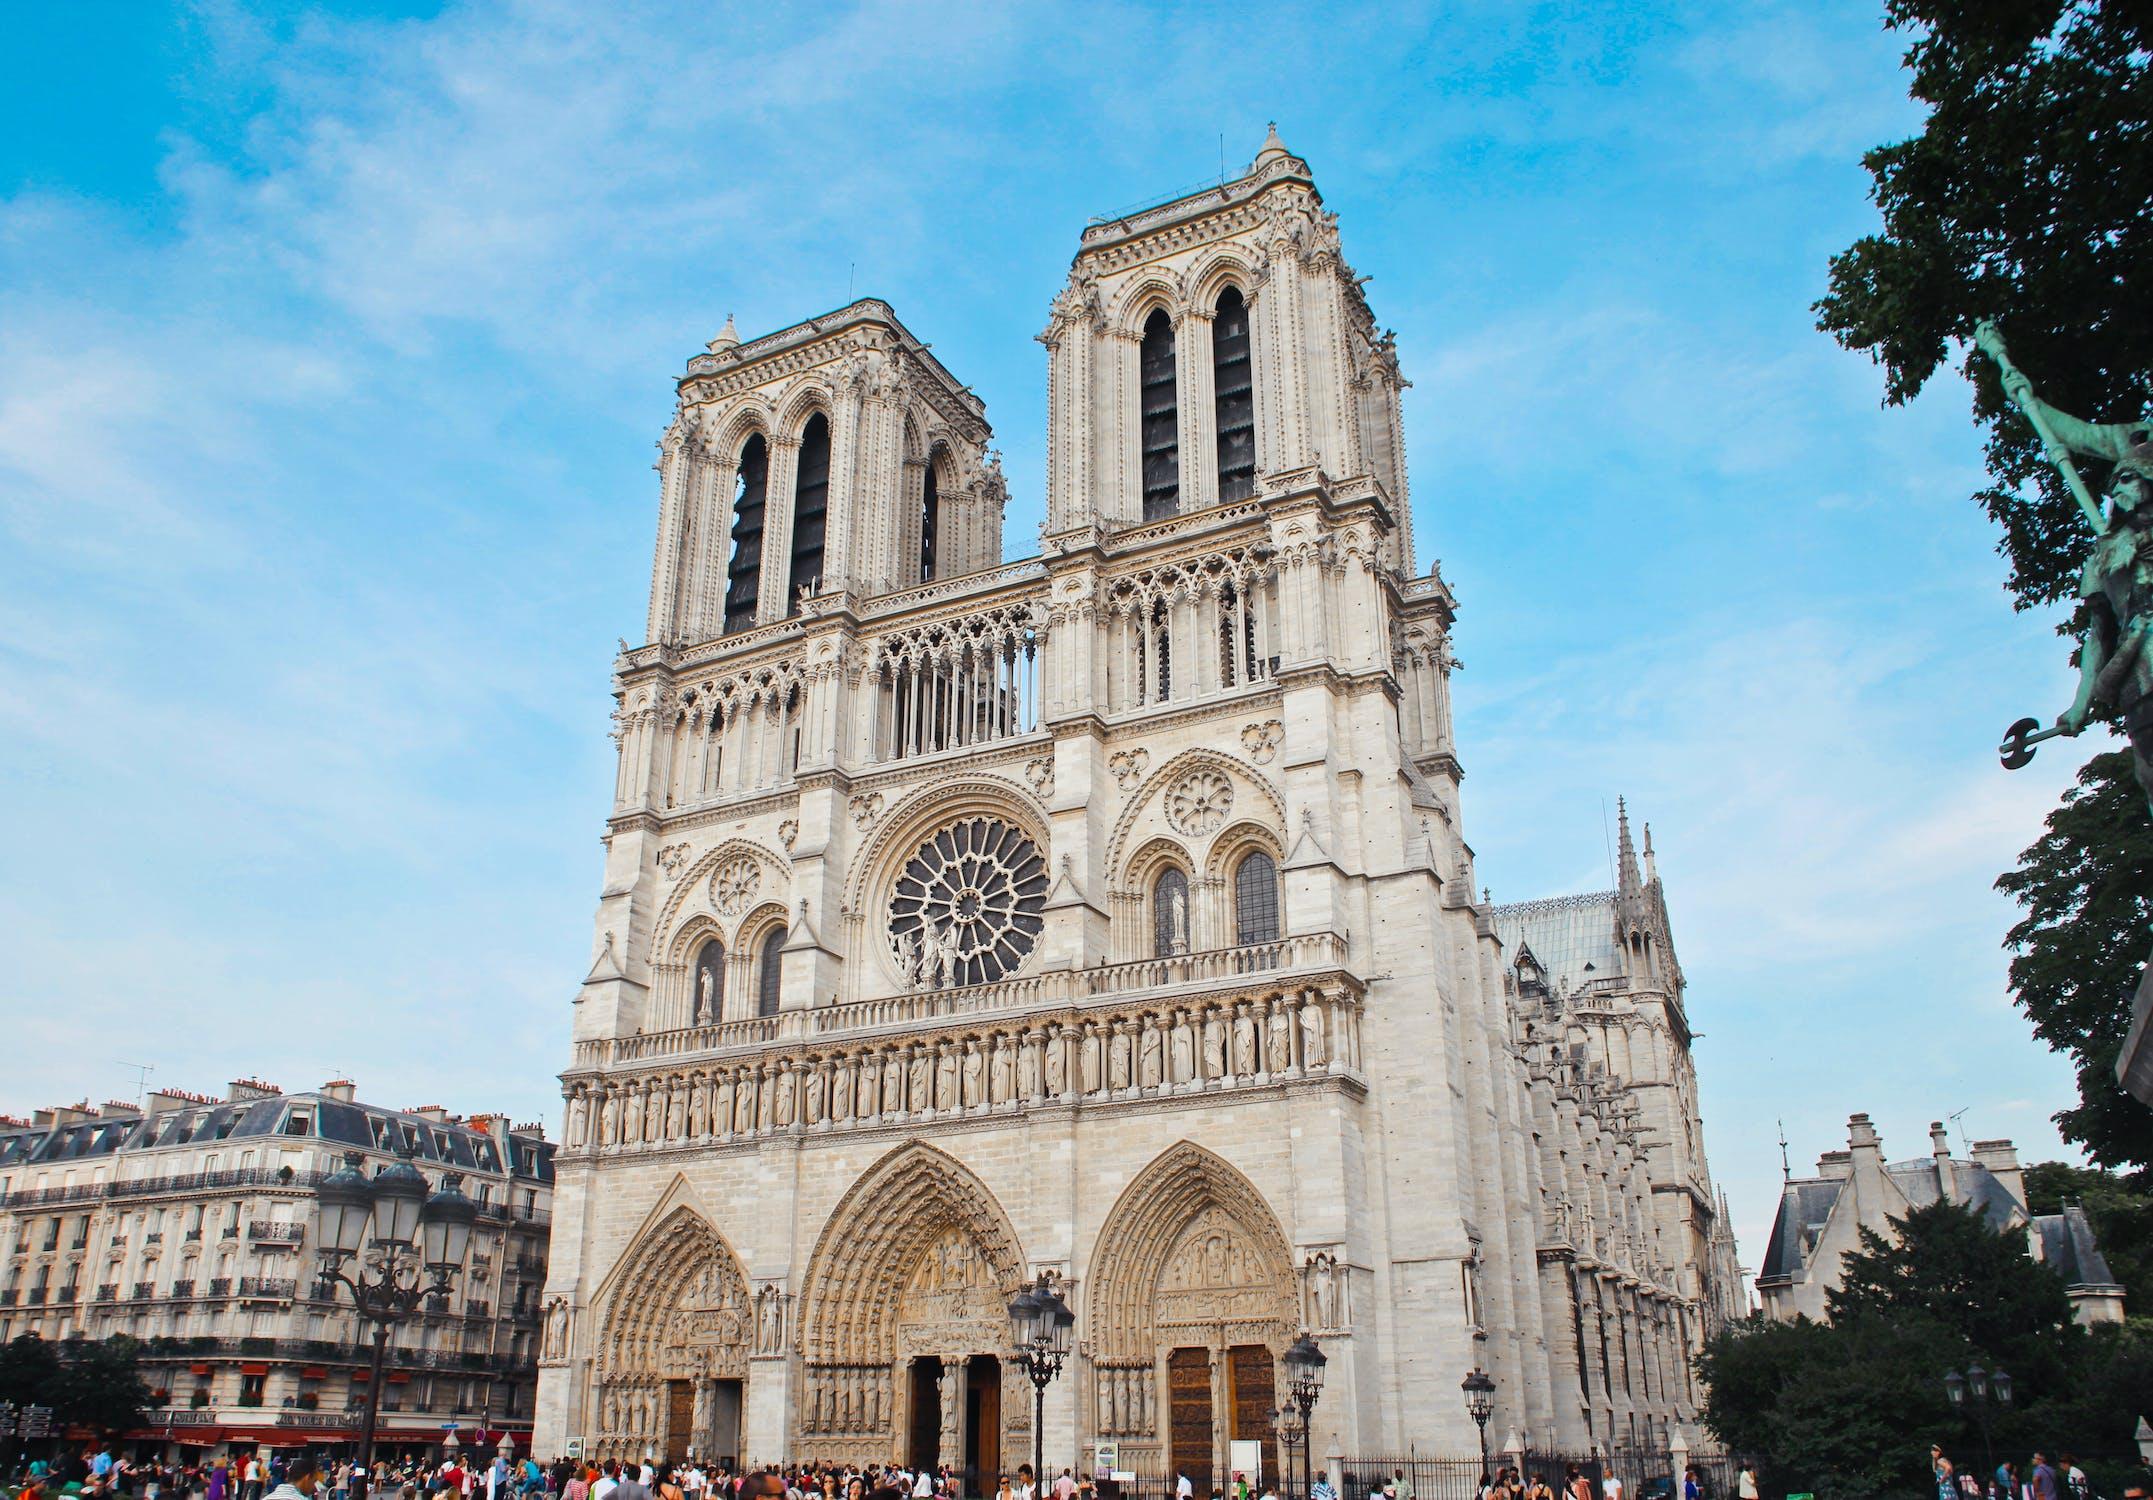 konteó összeesküvés gyújtogatás vallás terrorizmus kereszténység egyház Notre Dame